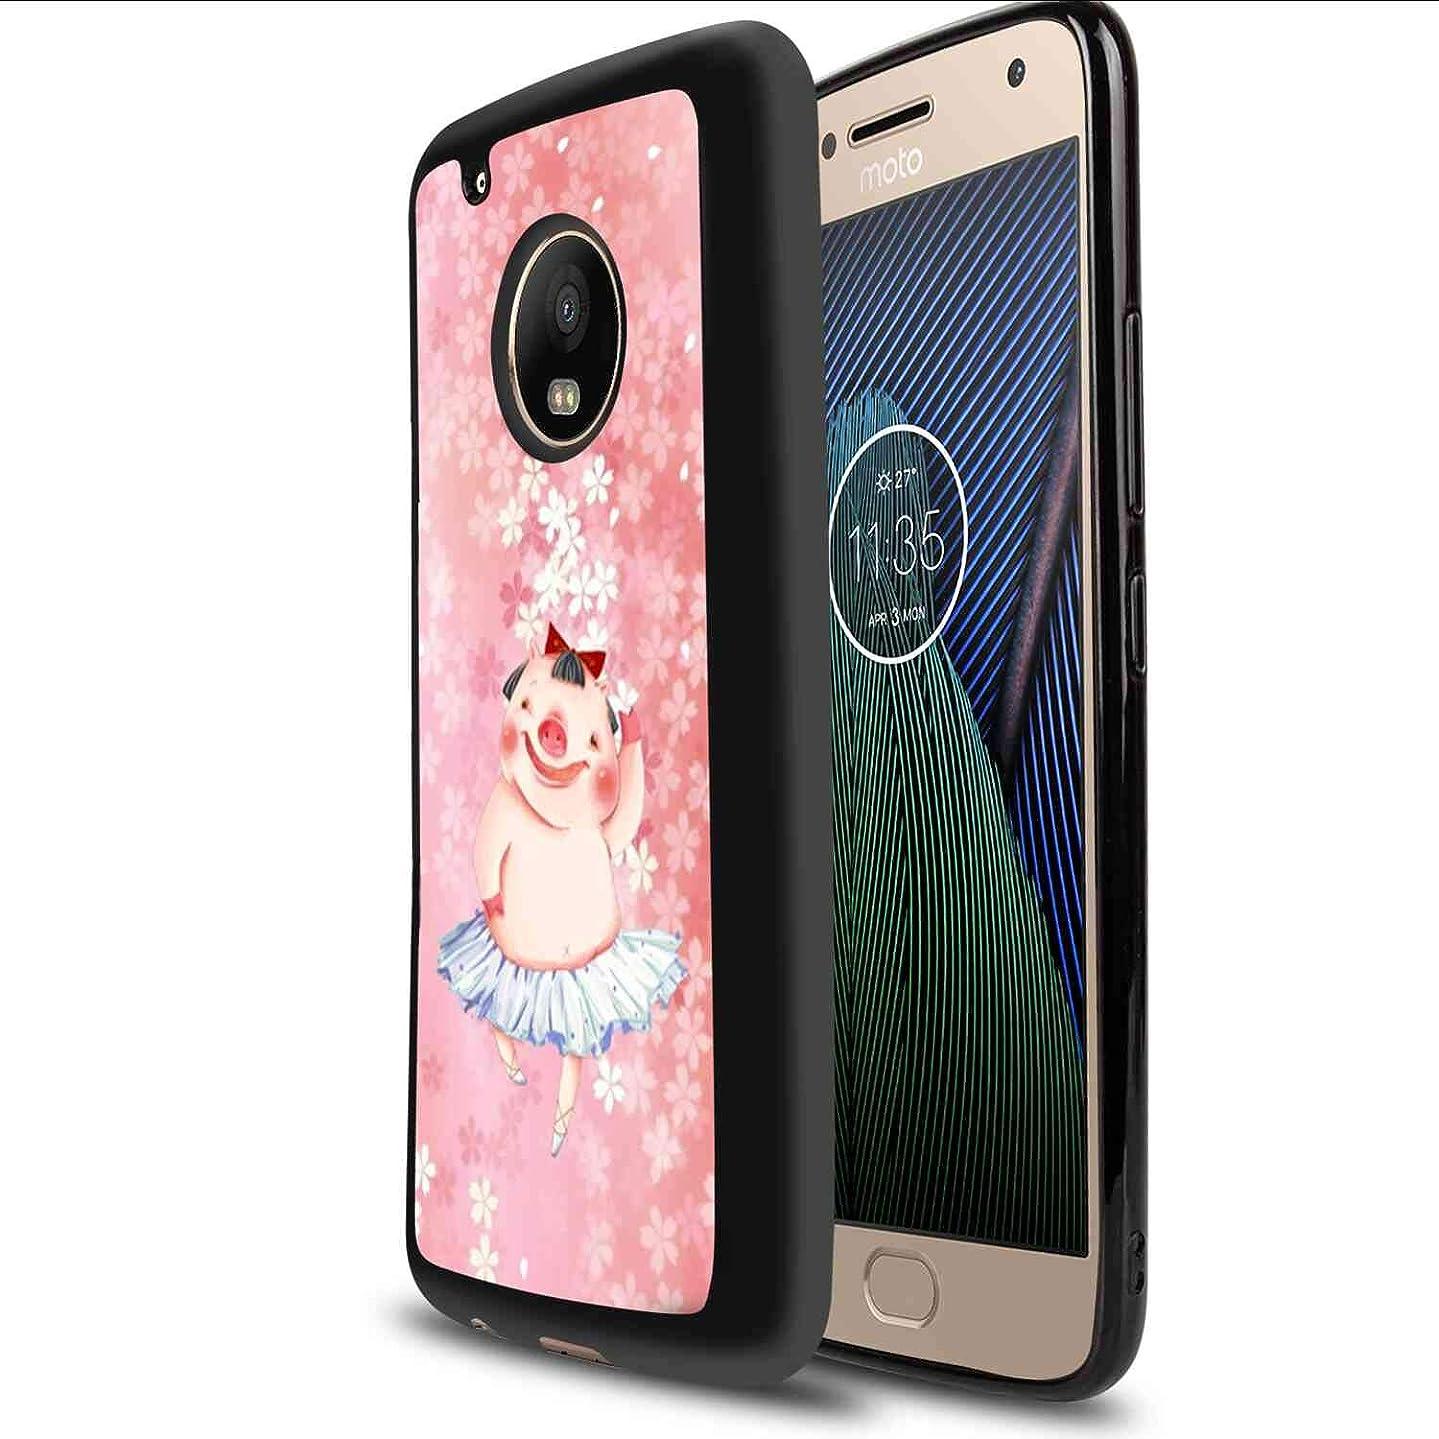 Cute Pig TPU Phone Case Fit for Moto G5 Plus (2017) (5.5inch)